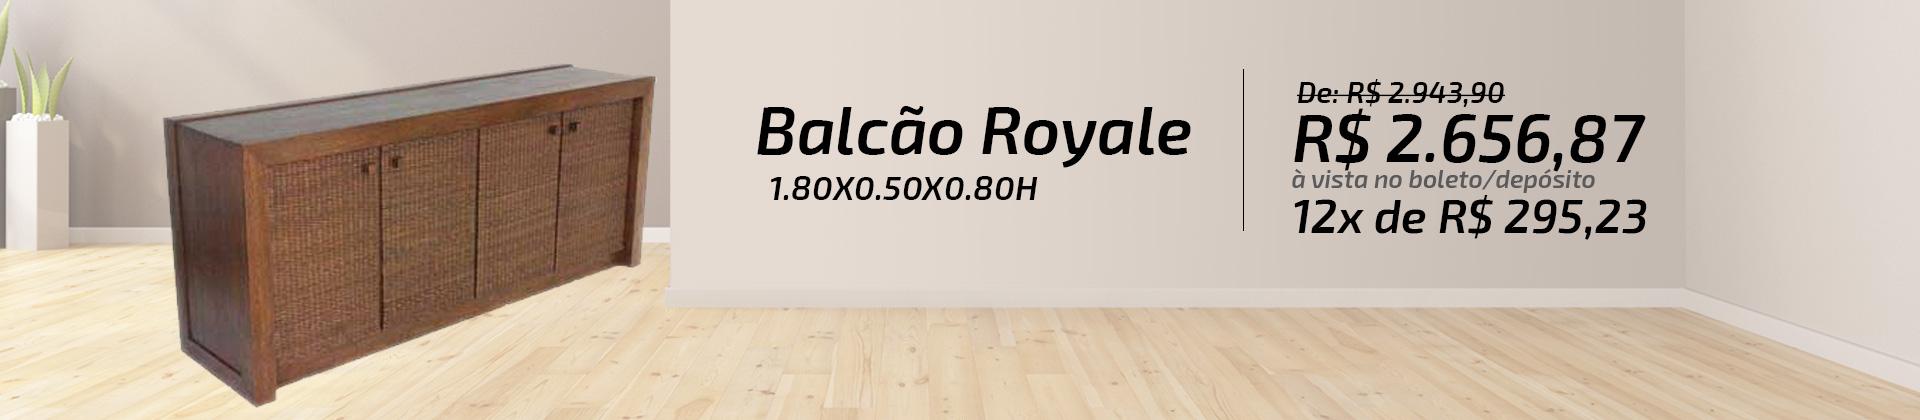 BALCÃO ROYALE